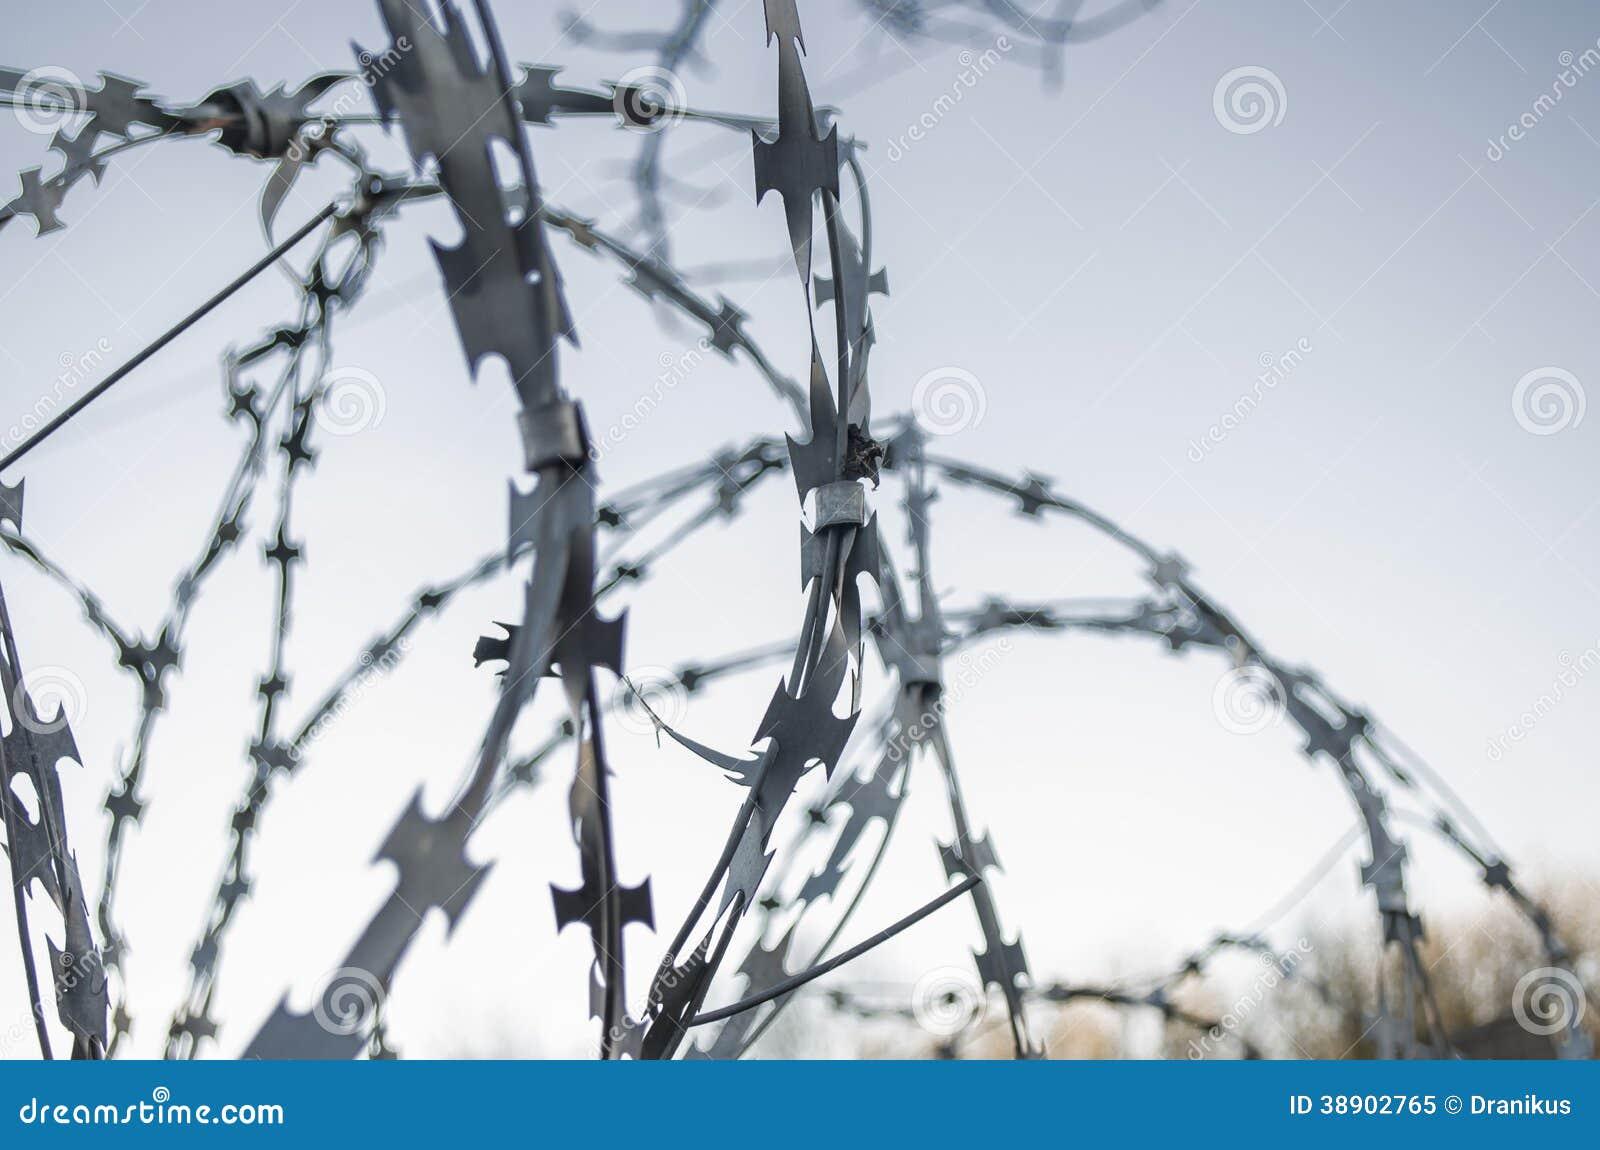 Draht Mit Stacheln Versehen Scharf Sicherheit Zaun System Stock ...